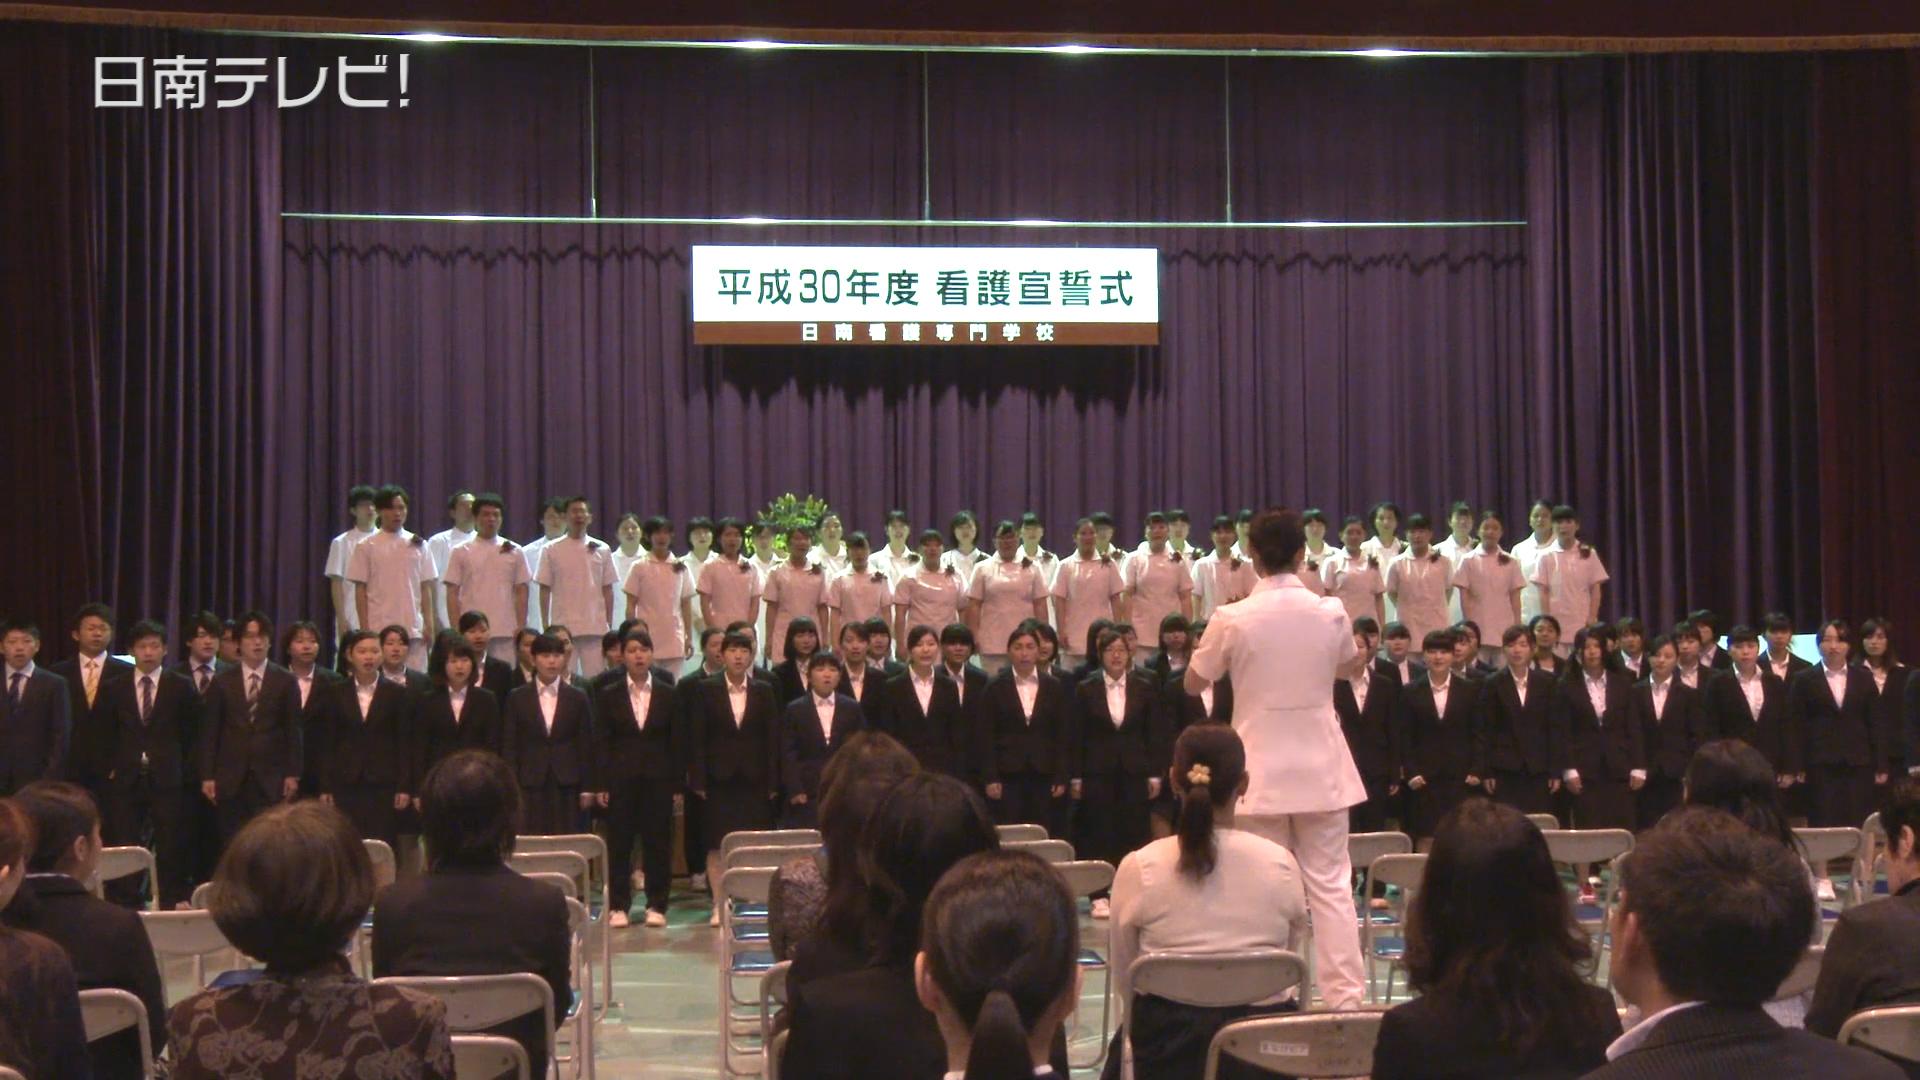 日南看護専門学校で看護宣誓式 2018